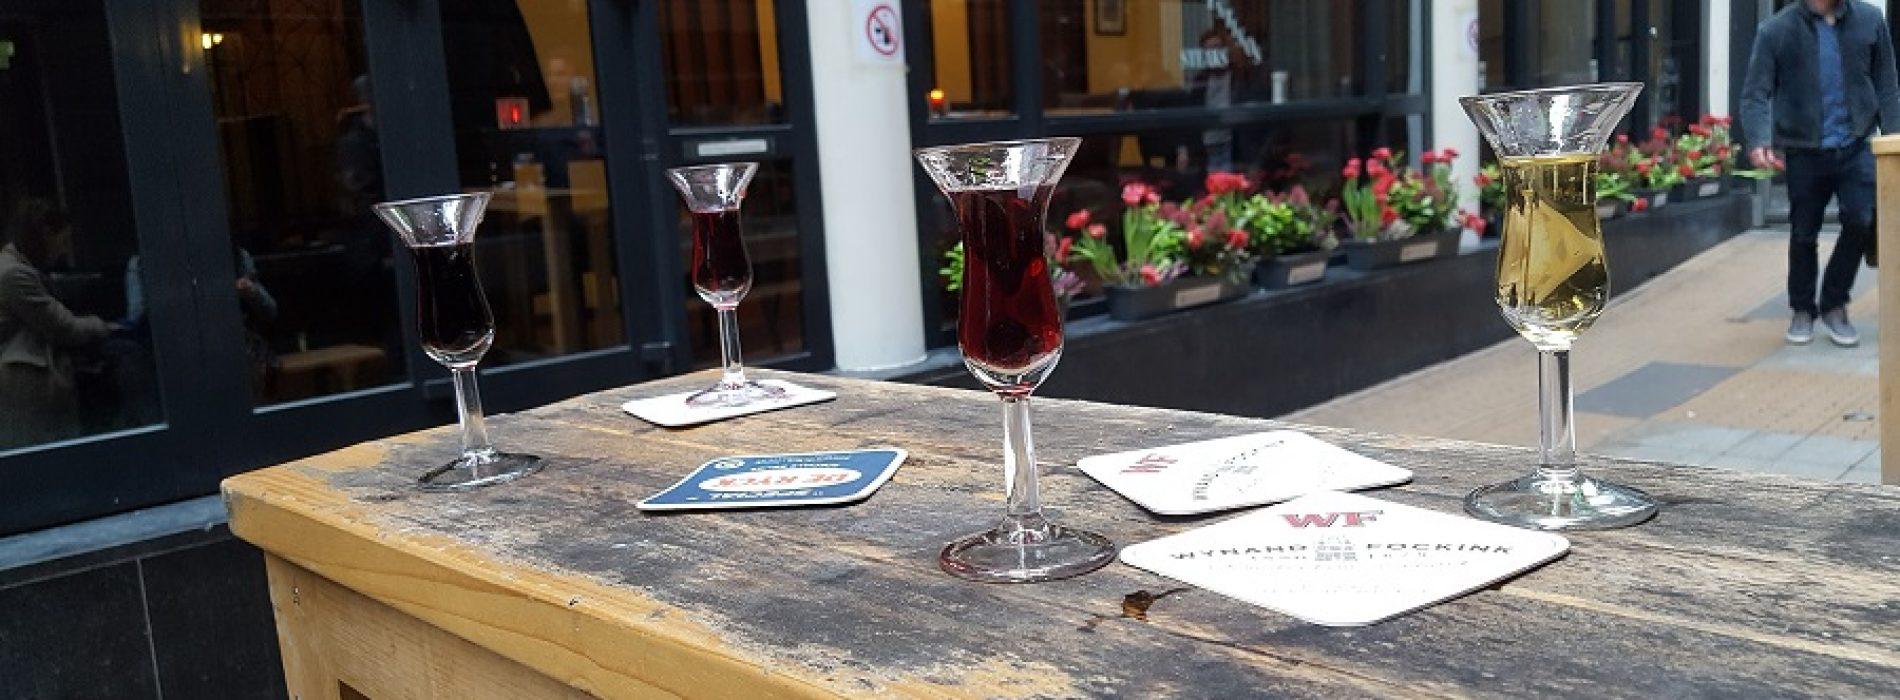 Recomandări de la localnici. 7 locuri pe care trebuie să le vizitezi în Amsterdam